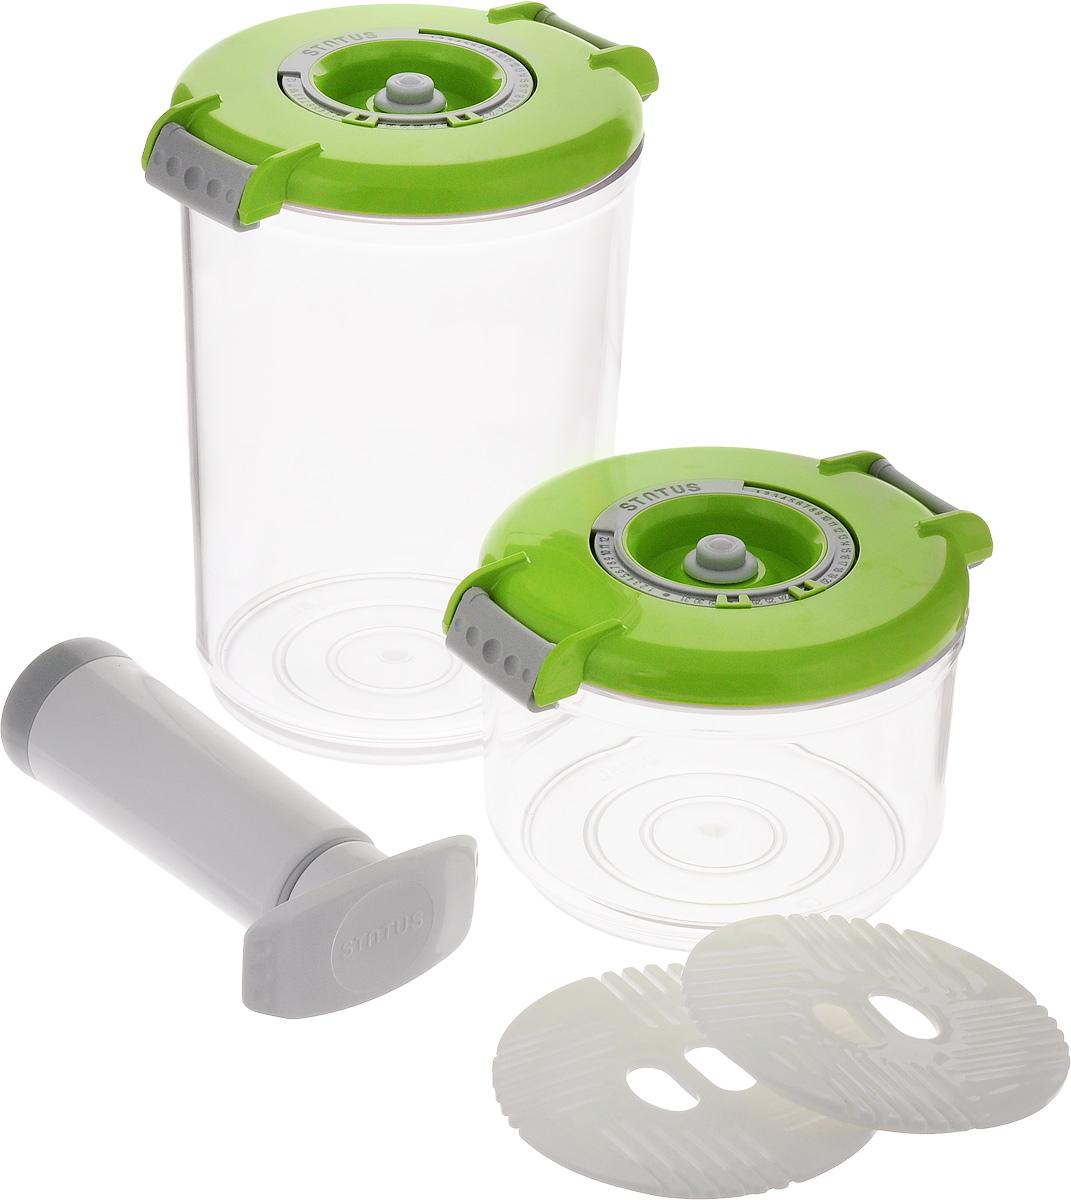 Набор вакуумных контейнеров Status, цвет: прозрачный, зеленый, 2 шт + ПОДАРОК: Вакуумный ручной насосVAC-RD-Round GreenПромо набор вакуумных контейнеров с подаркомКомплектация: контейнеры 0,75 л, 1,5 л, два поддона + ручной насос в подарок. Благодаря использованию вакуумных контейнеров, продукты не подвергаются внешнему воздействию, и срок хранения значительно увеличивается. Продукты сохраняют свои вкусовые качества и аромат, а запахи в холодильнике не перемешиваются.Контейнеры для хранения продуктов в вакуумеПрочный хрустально-прозрачный тританКруглая форма контейнеровИндикатор даты (месяц, число)BPA-FreeСделано в СловенииДопускается замораживание (до -21 °C), мойка контейнера в ПММ, разогрев в СВЧ (без крышки).Рекомендовано хранение следующих продуктов: сахар, кофе в зёрнах, чай, мука, крупы, соусы, супы.